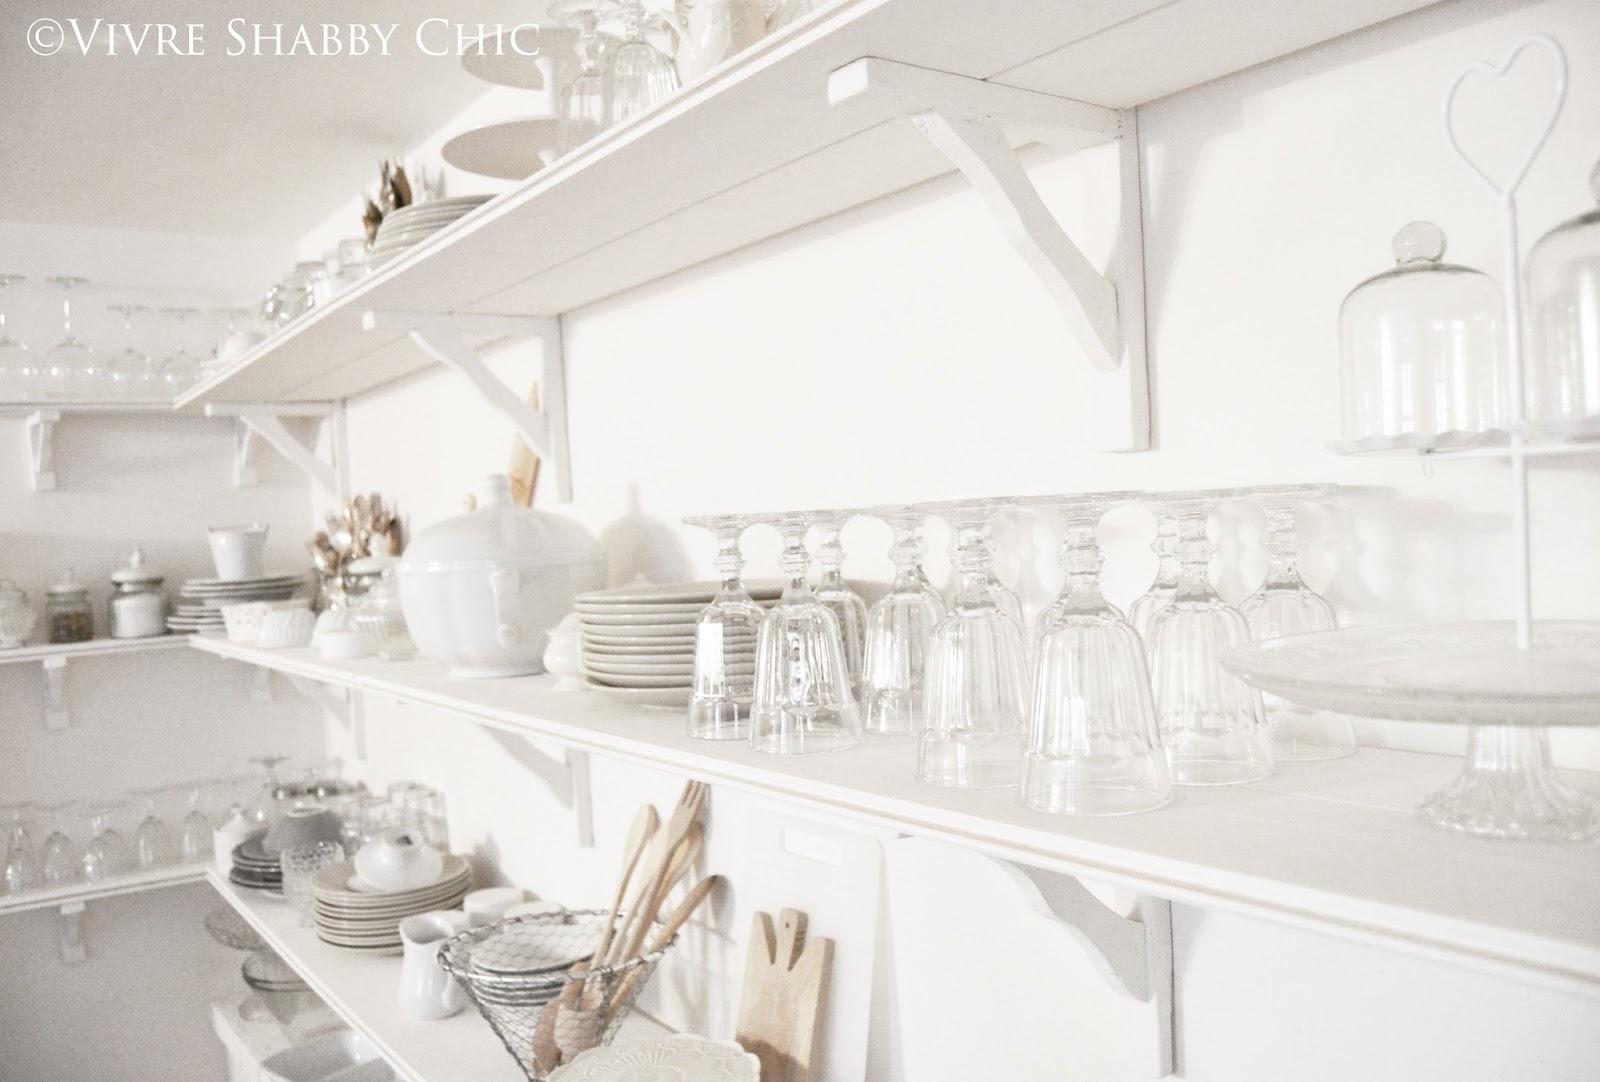 Vivre Shabby Chic: Open Shelving in cucina: la mia parete attrezzata.